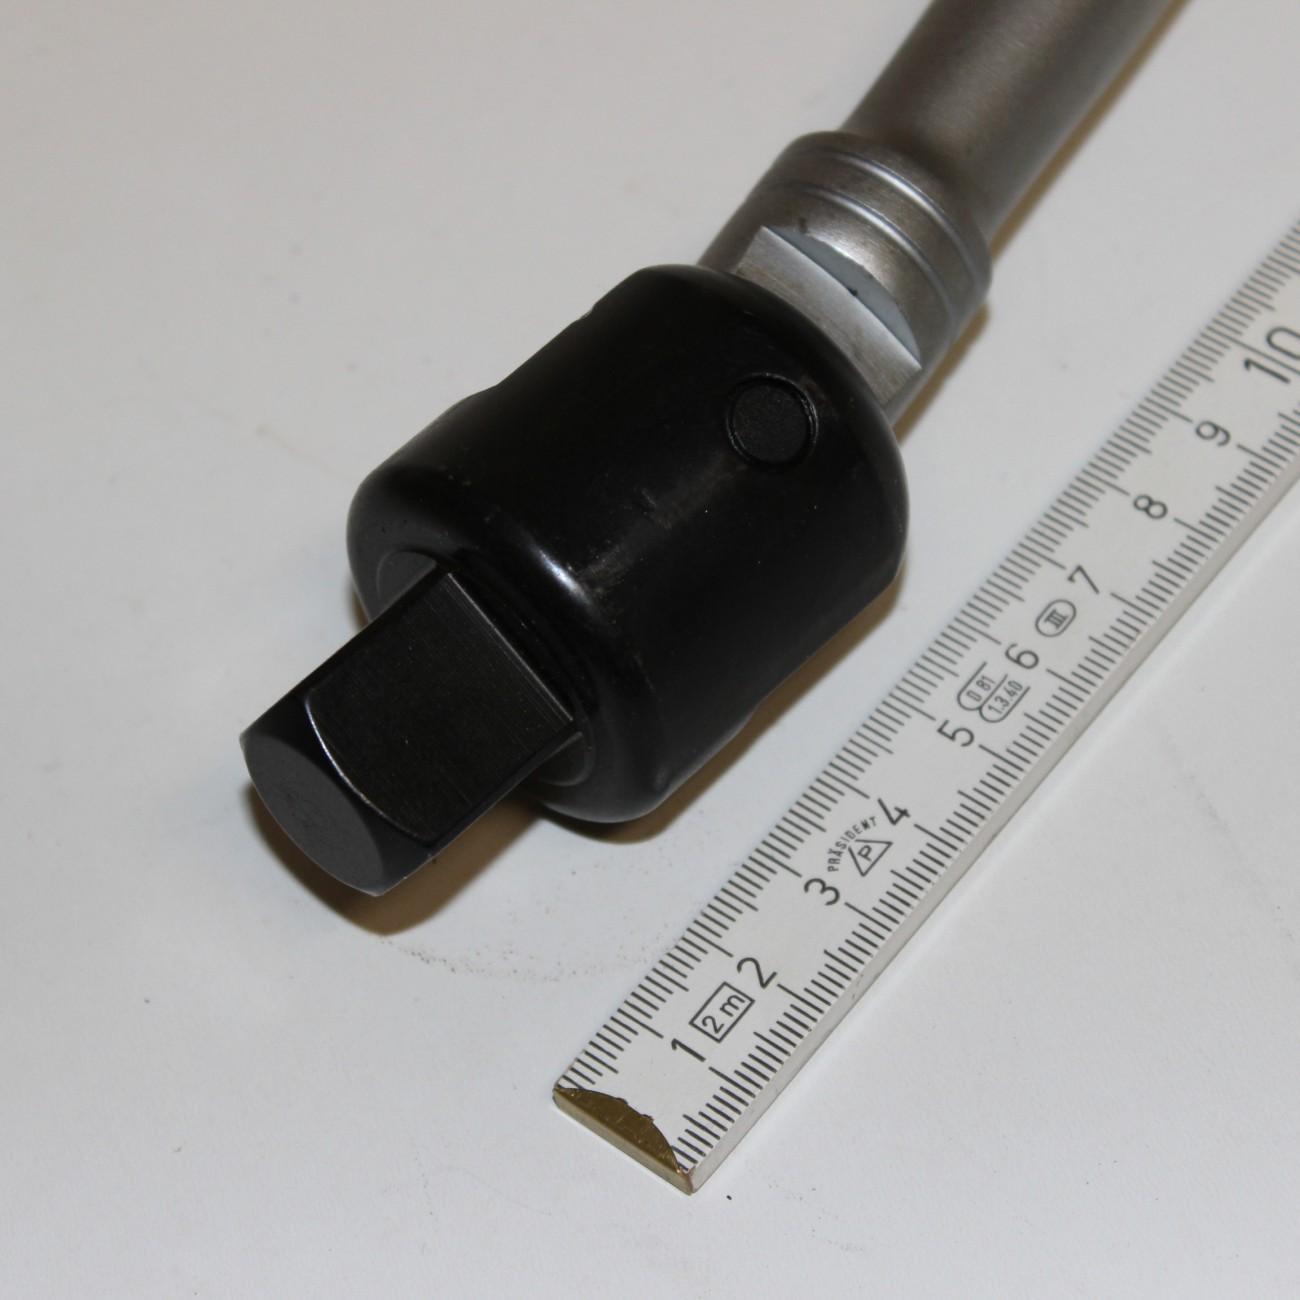 3 4 zoll 19 mm gelenk griff verl ngerung 600 mm 60 cm lang f r steckschl ssel werkzeug. Black Bedroom Furniture Sets. Home Design Ideas